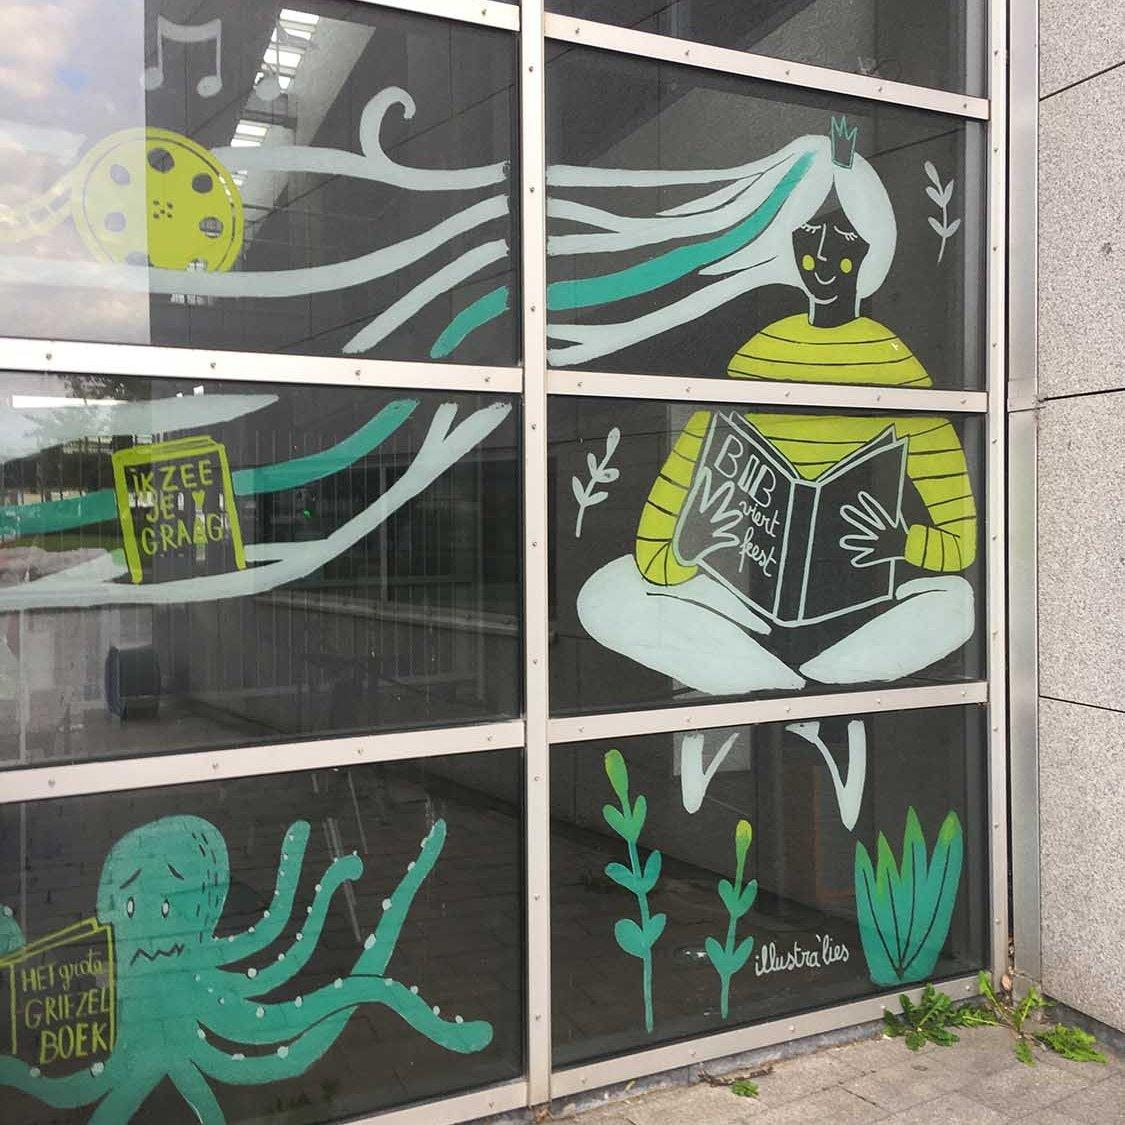 raamtekening bibliotheek Oostende viert 20 jaar feest - illustra'lies